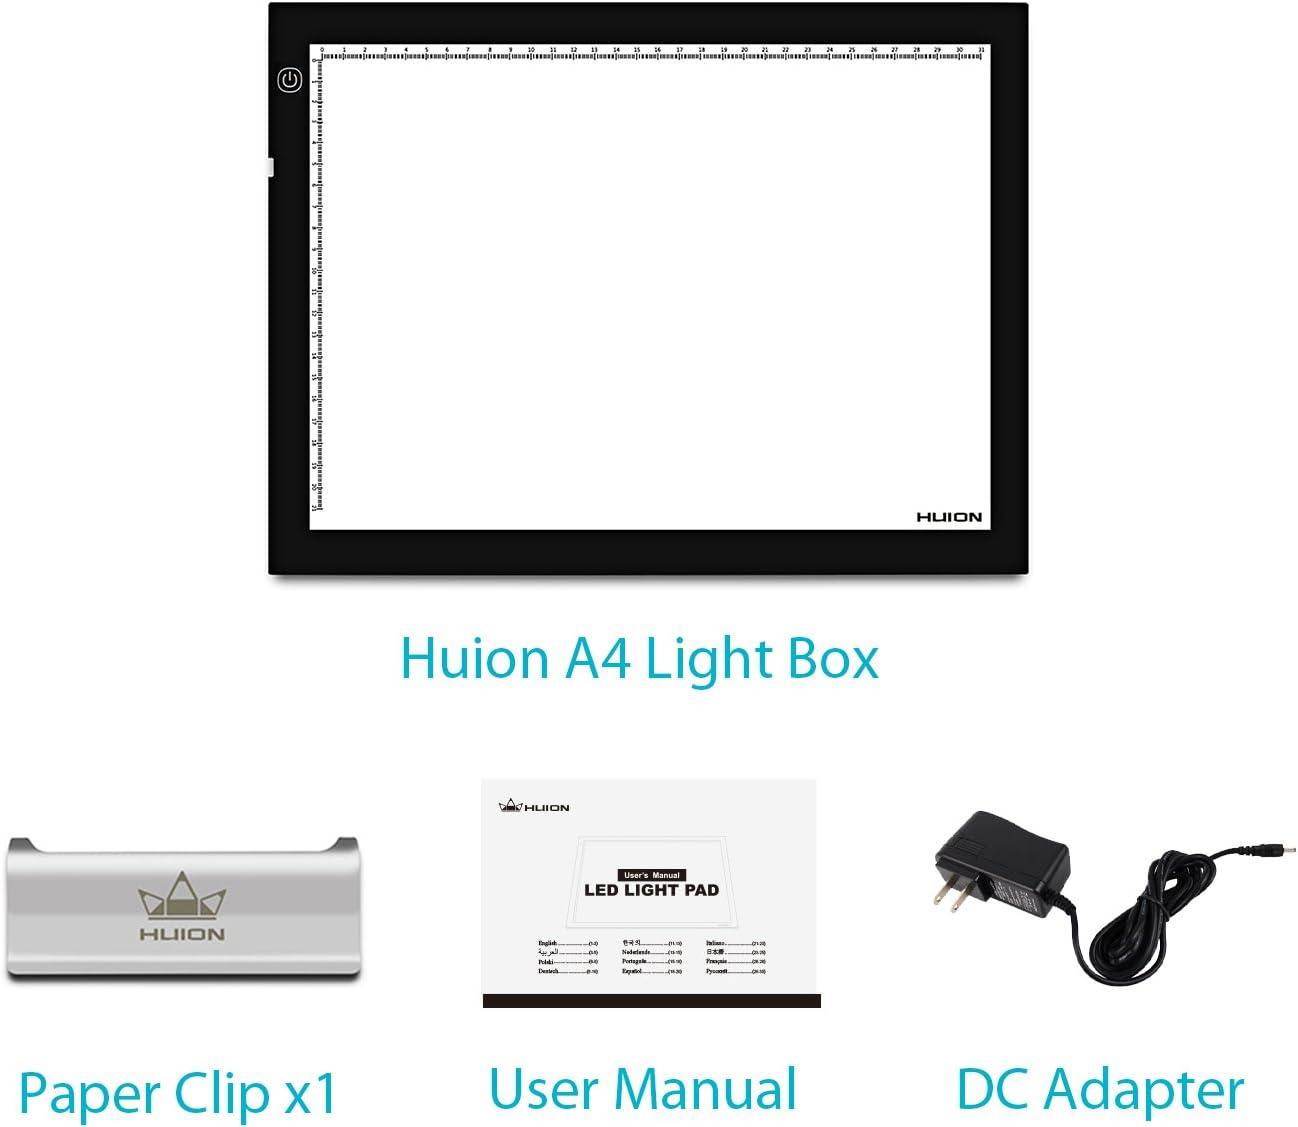 Huion A4 light box